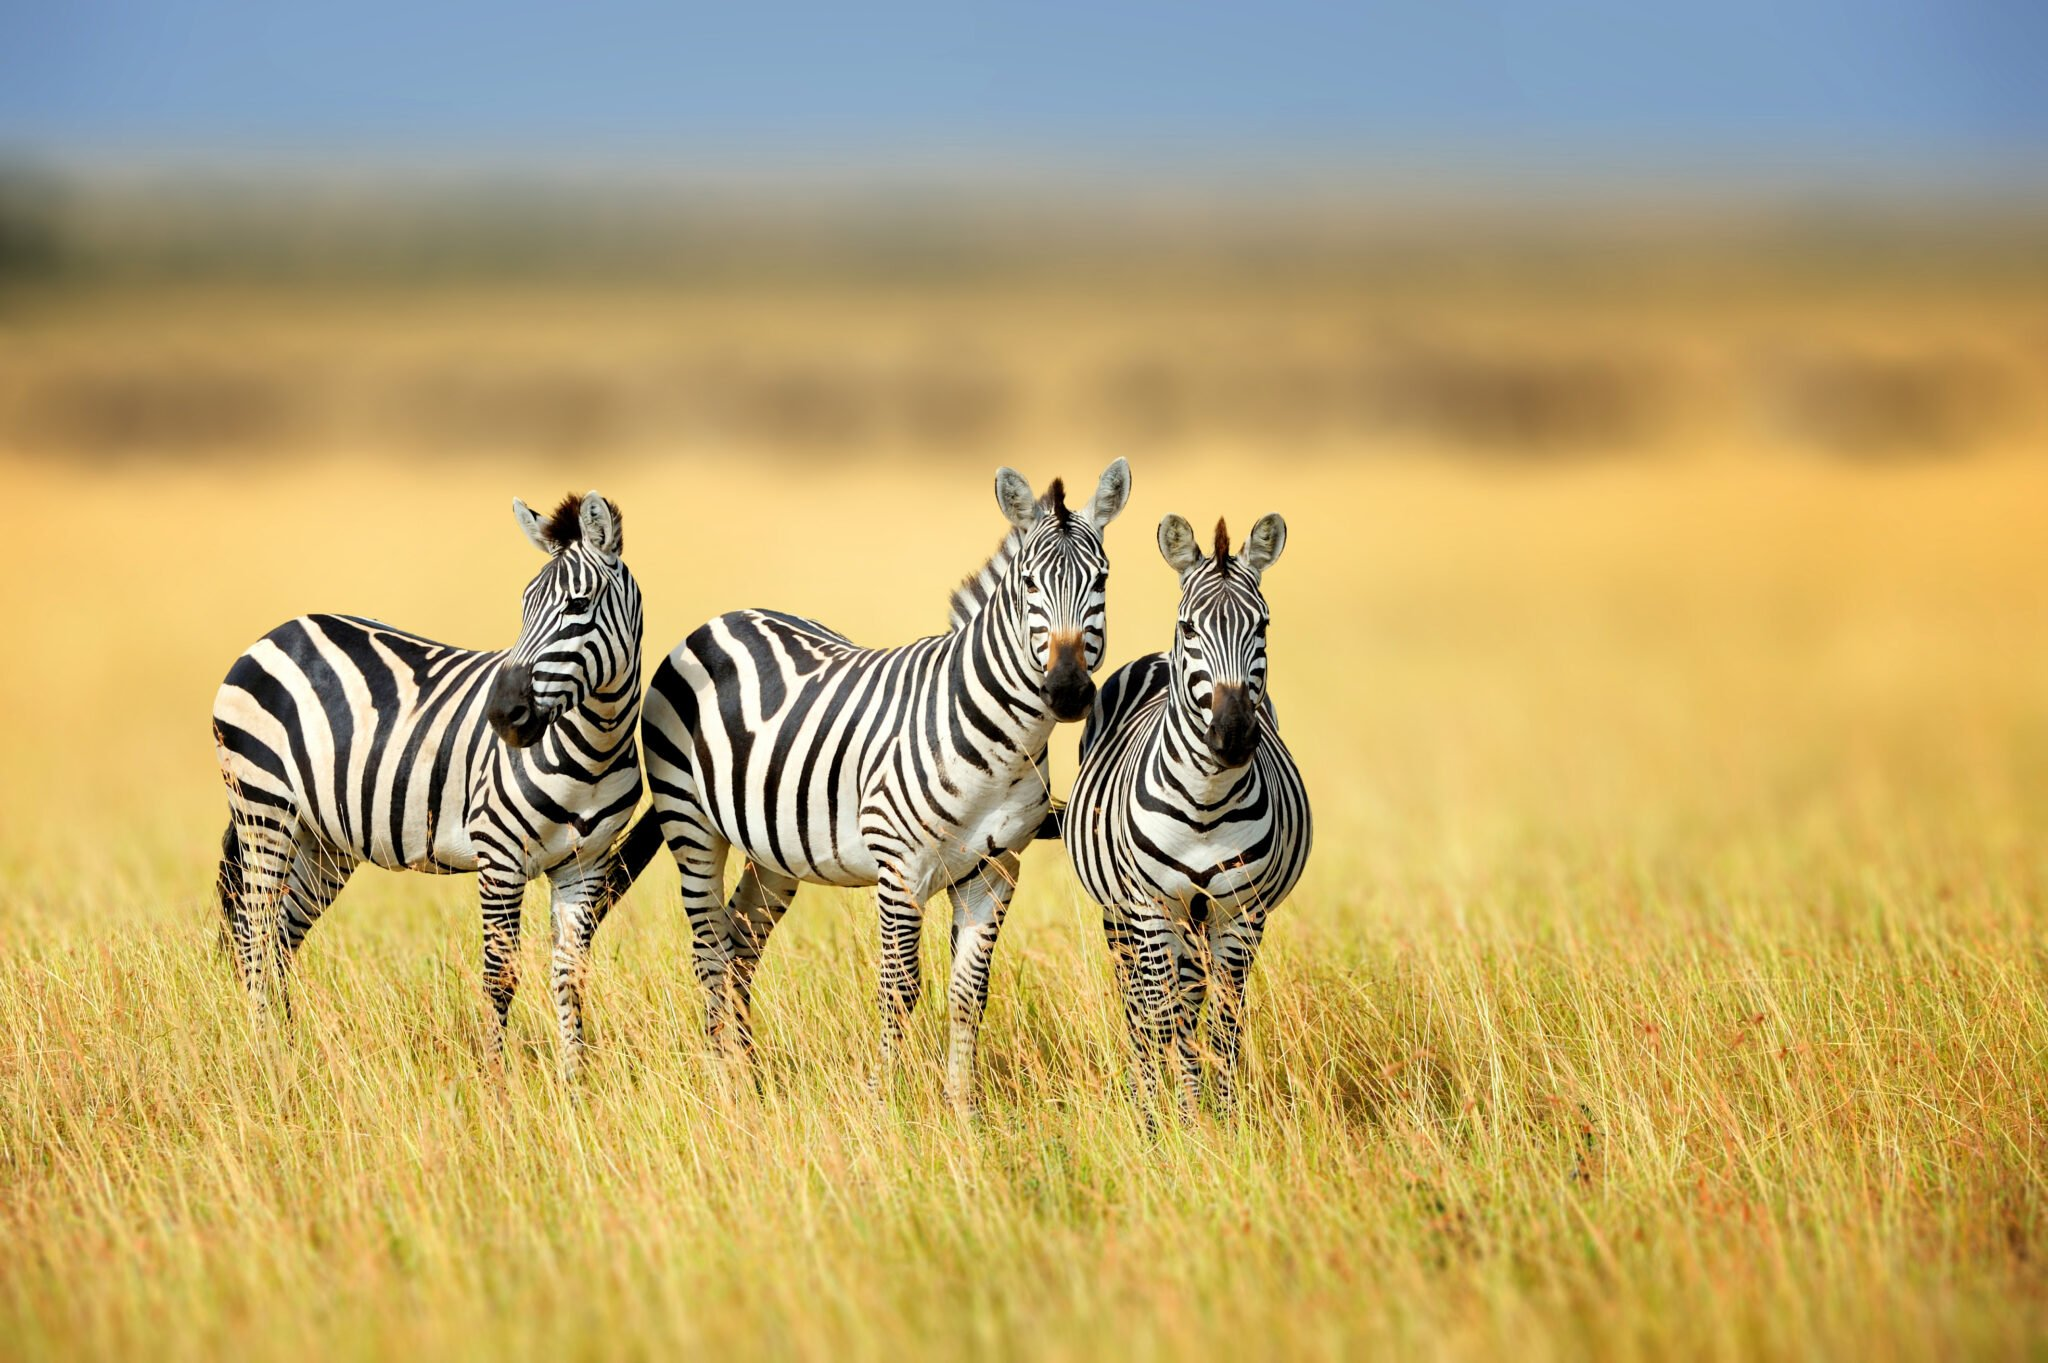 Zebra - Species